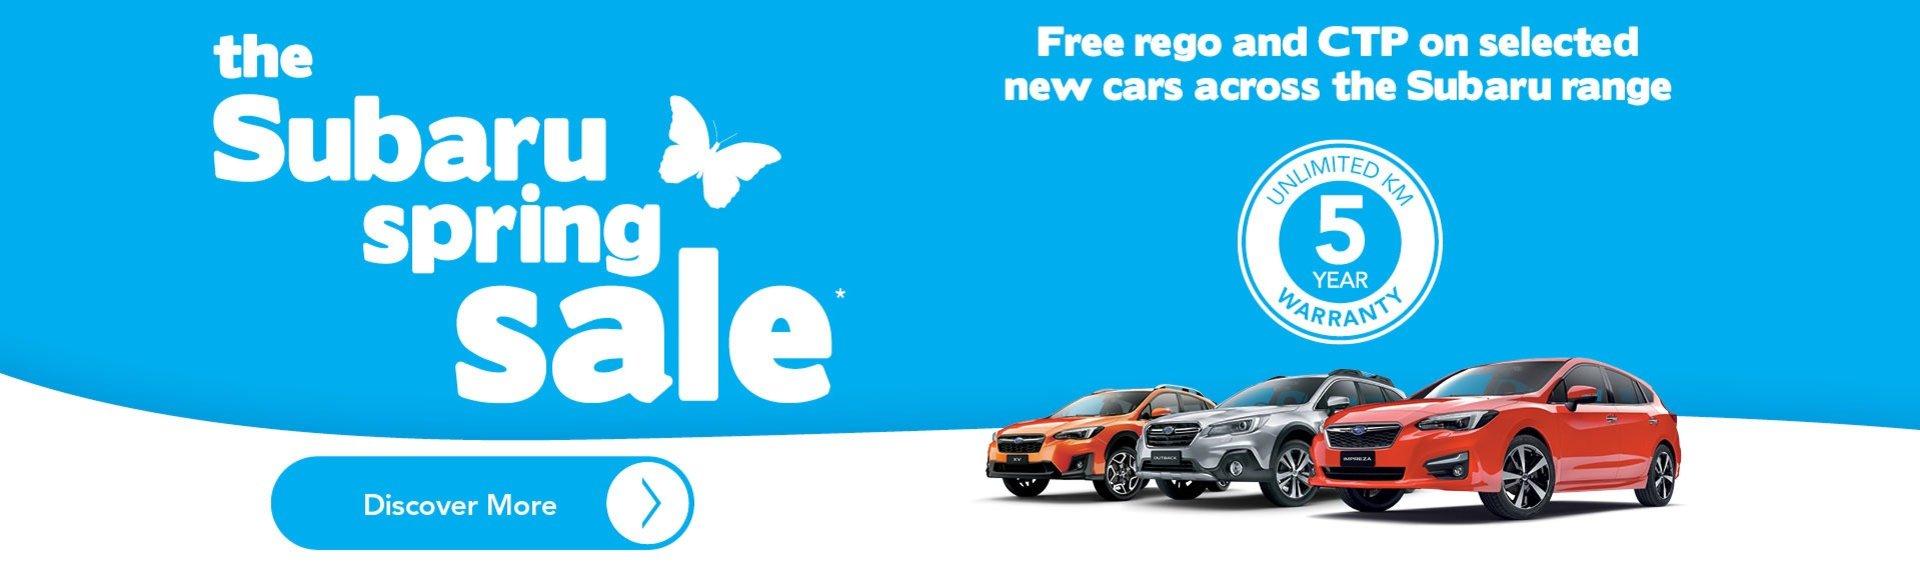 The Subaru Spring Sale